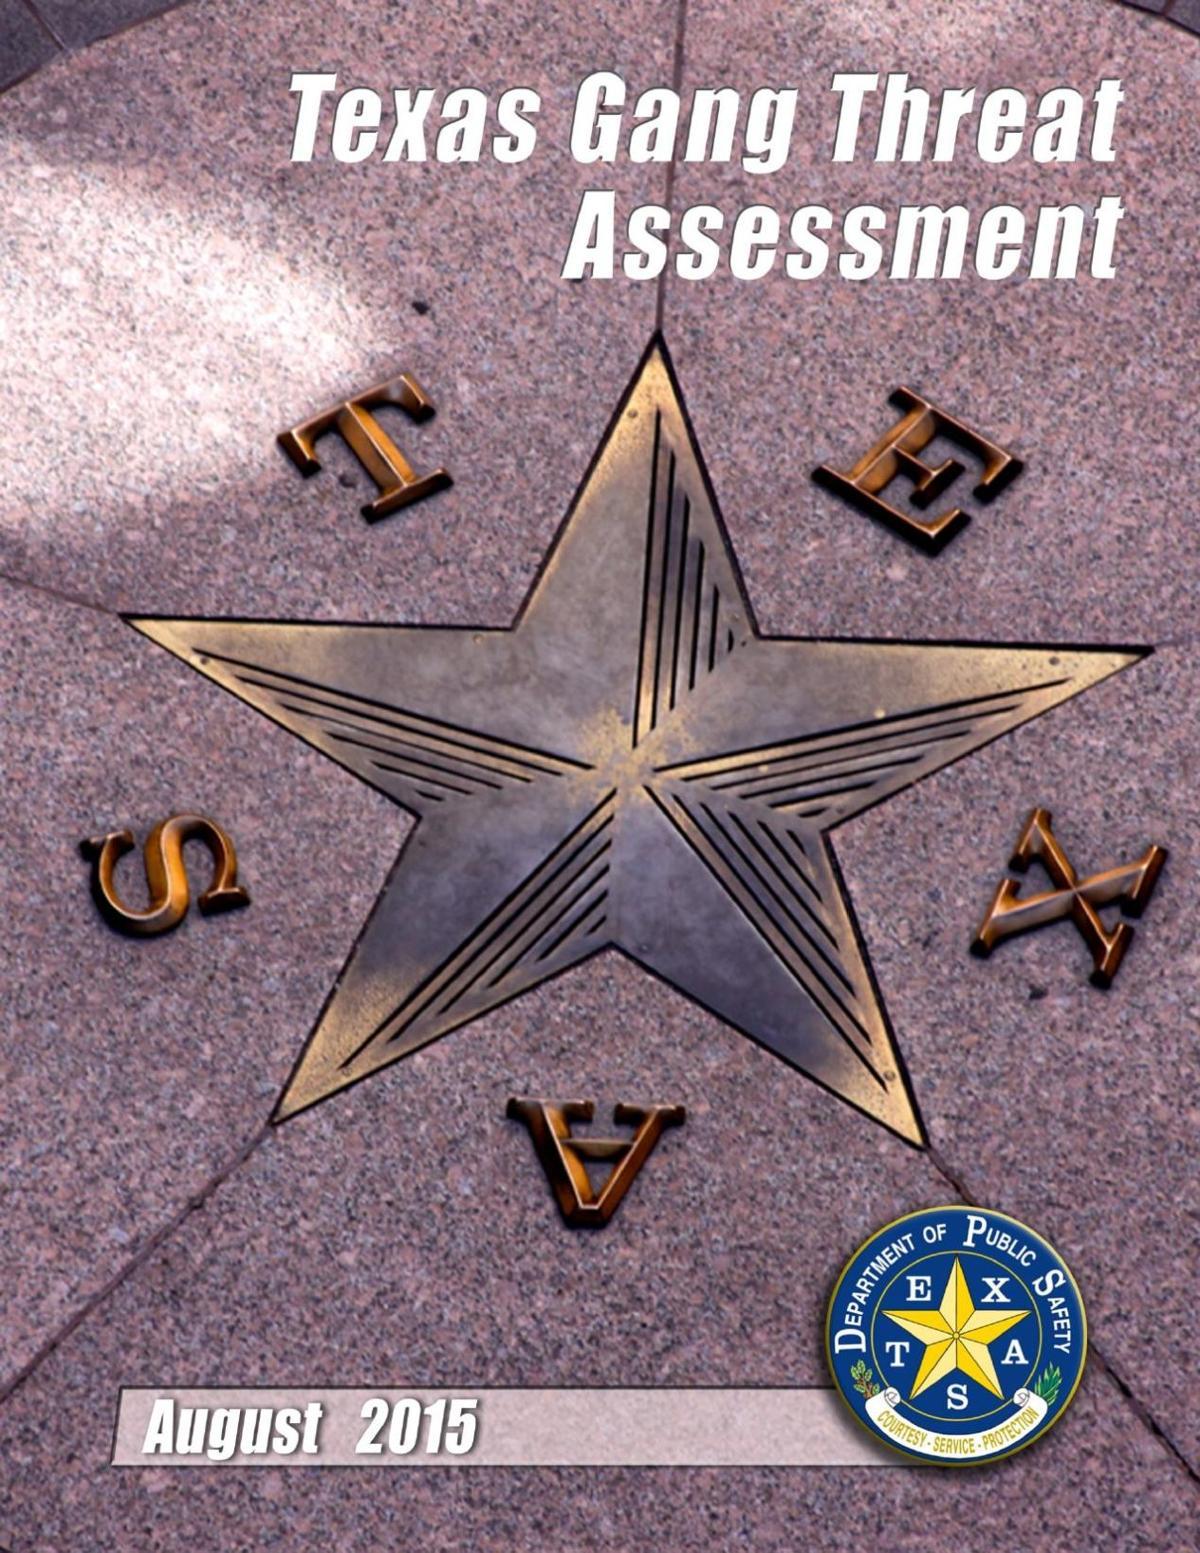 Texas Gang Threat Assessment - Aug. 2015